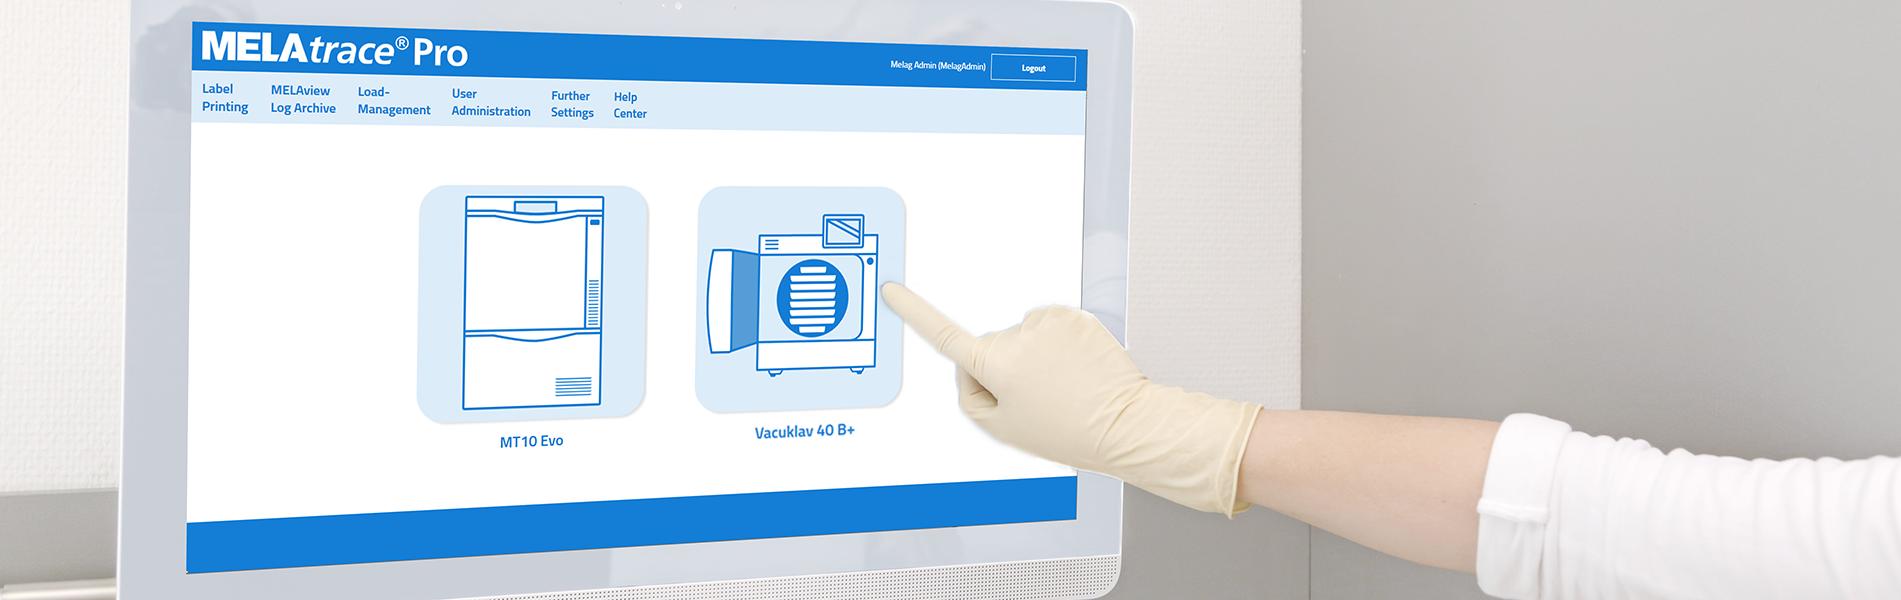 Software de documentación MELAtrace en pantalla táctil